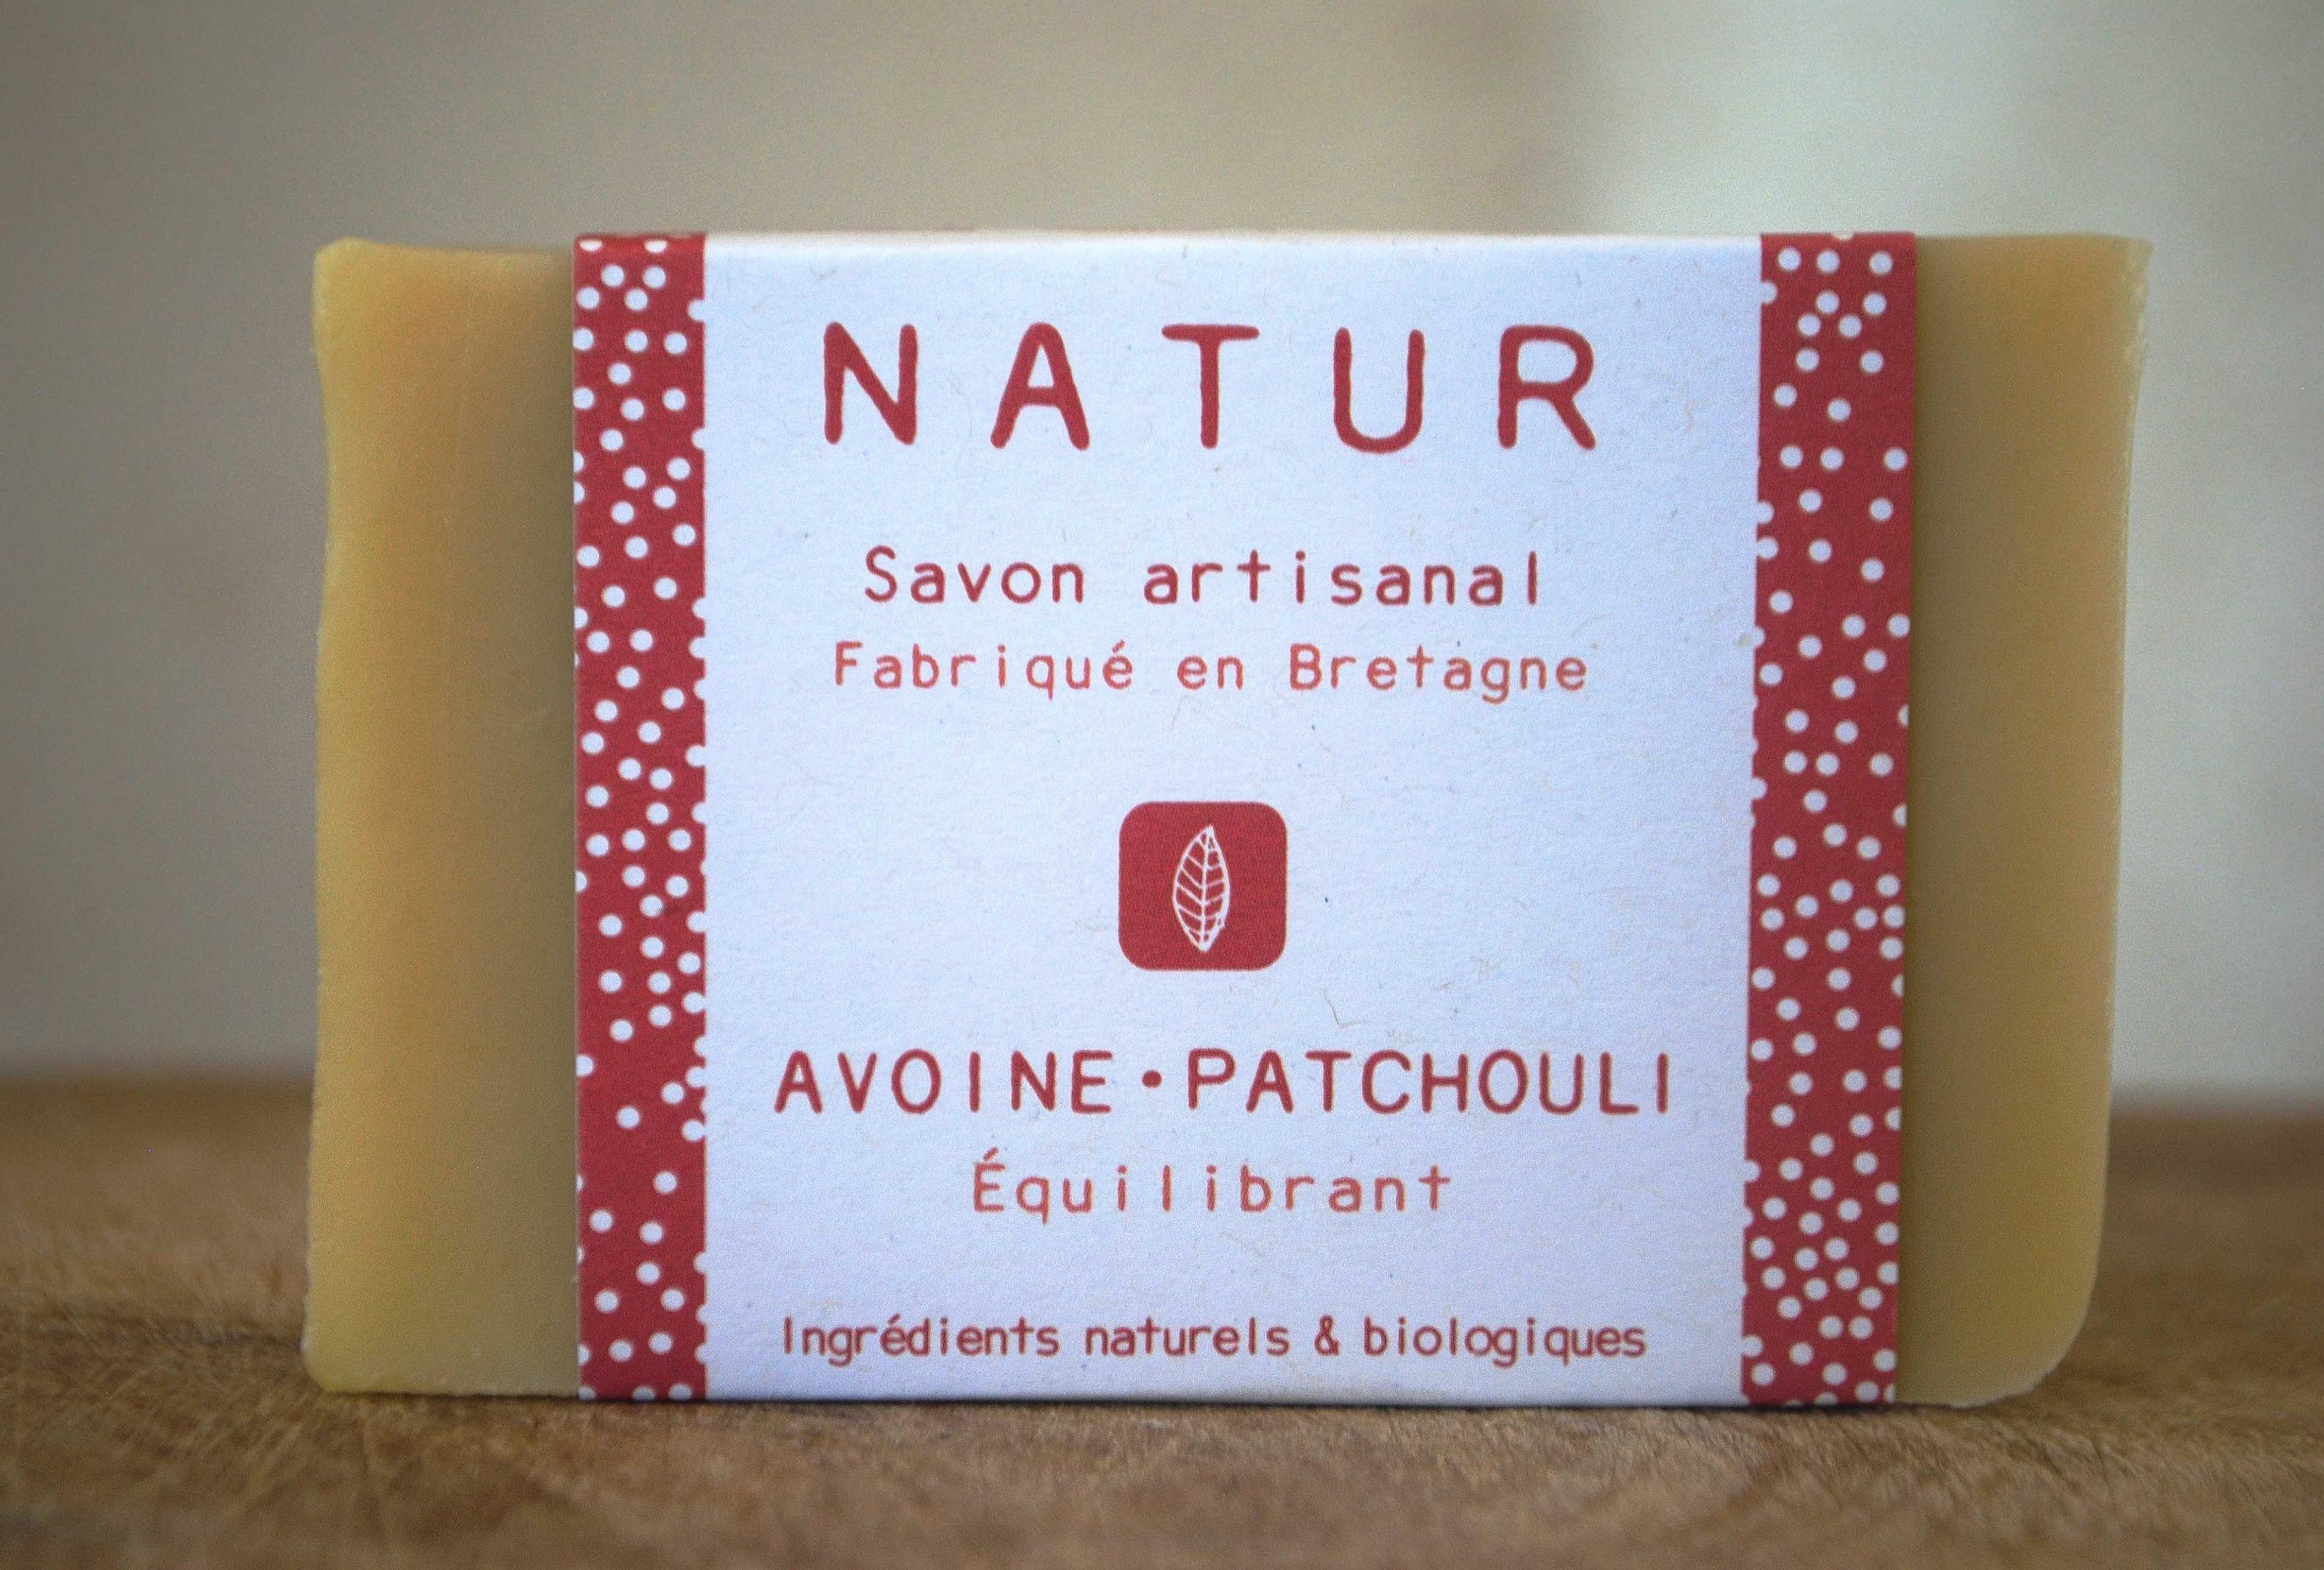 Savon patchouli & lait d'avoine - Equilibrant saponification à froid saf savonnerie artisanale Bretagne Finistère